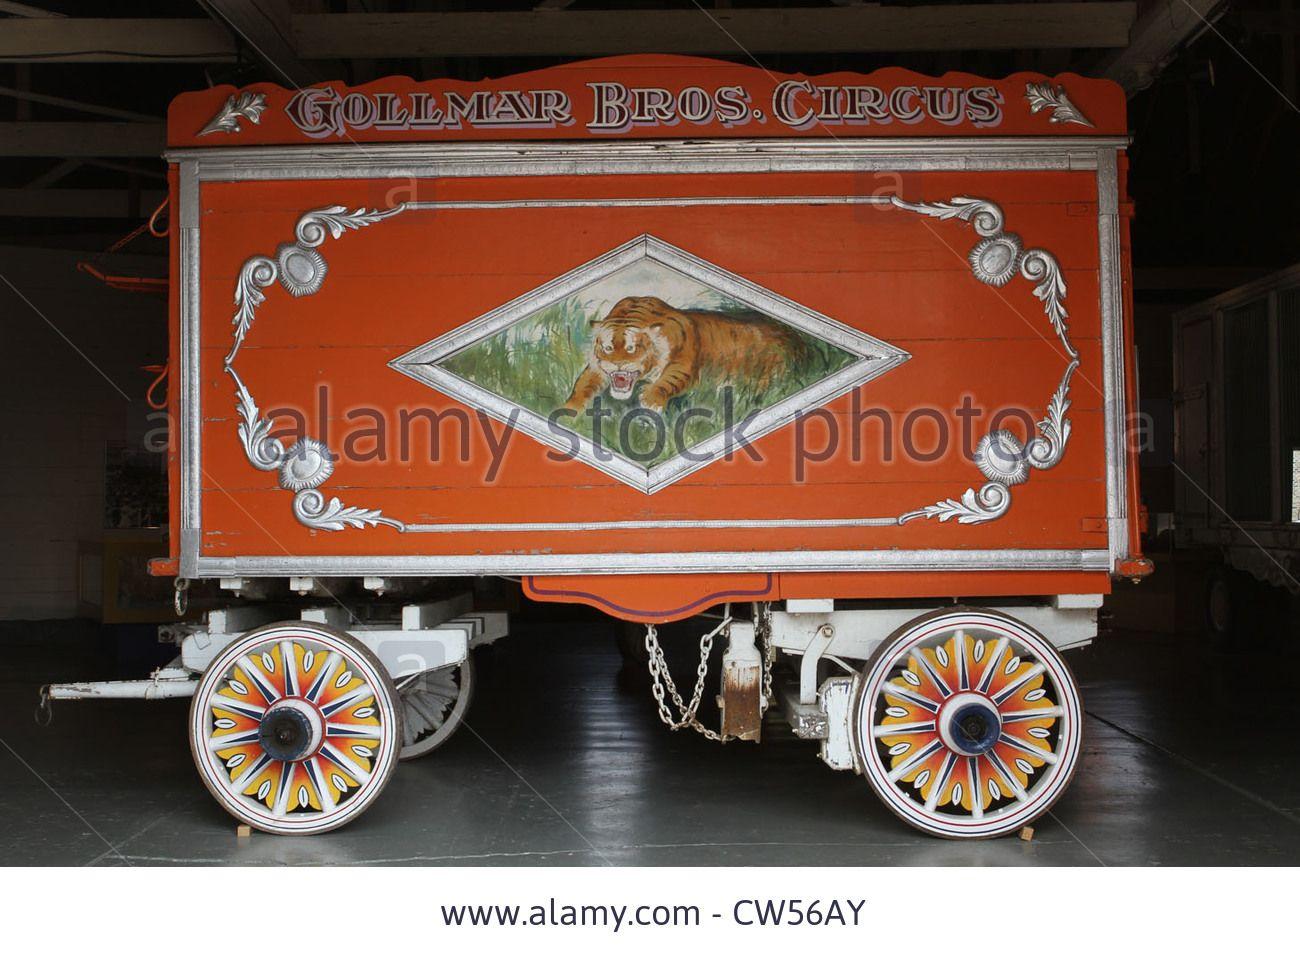 old circus photos - Google Search